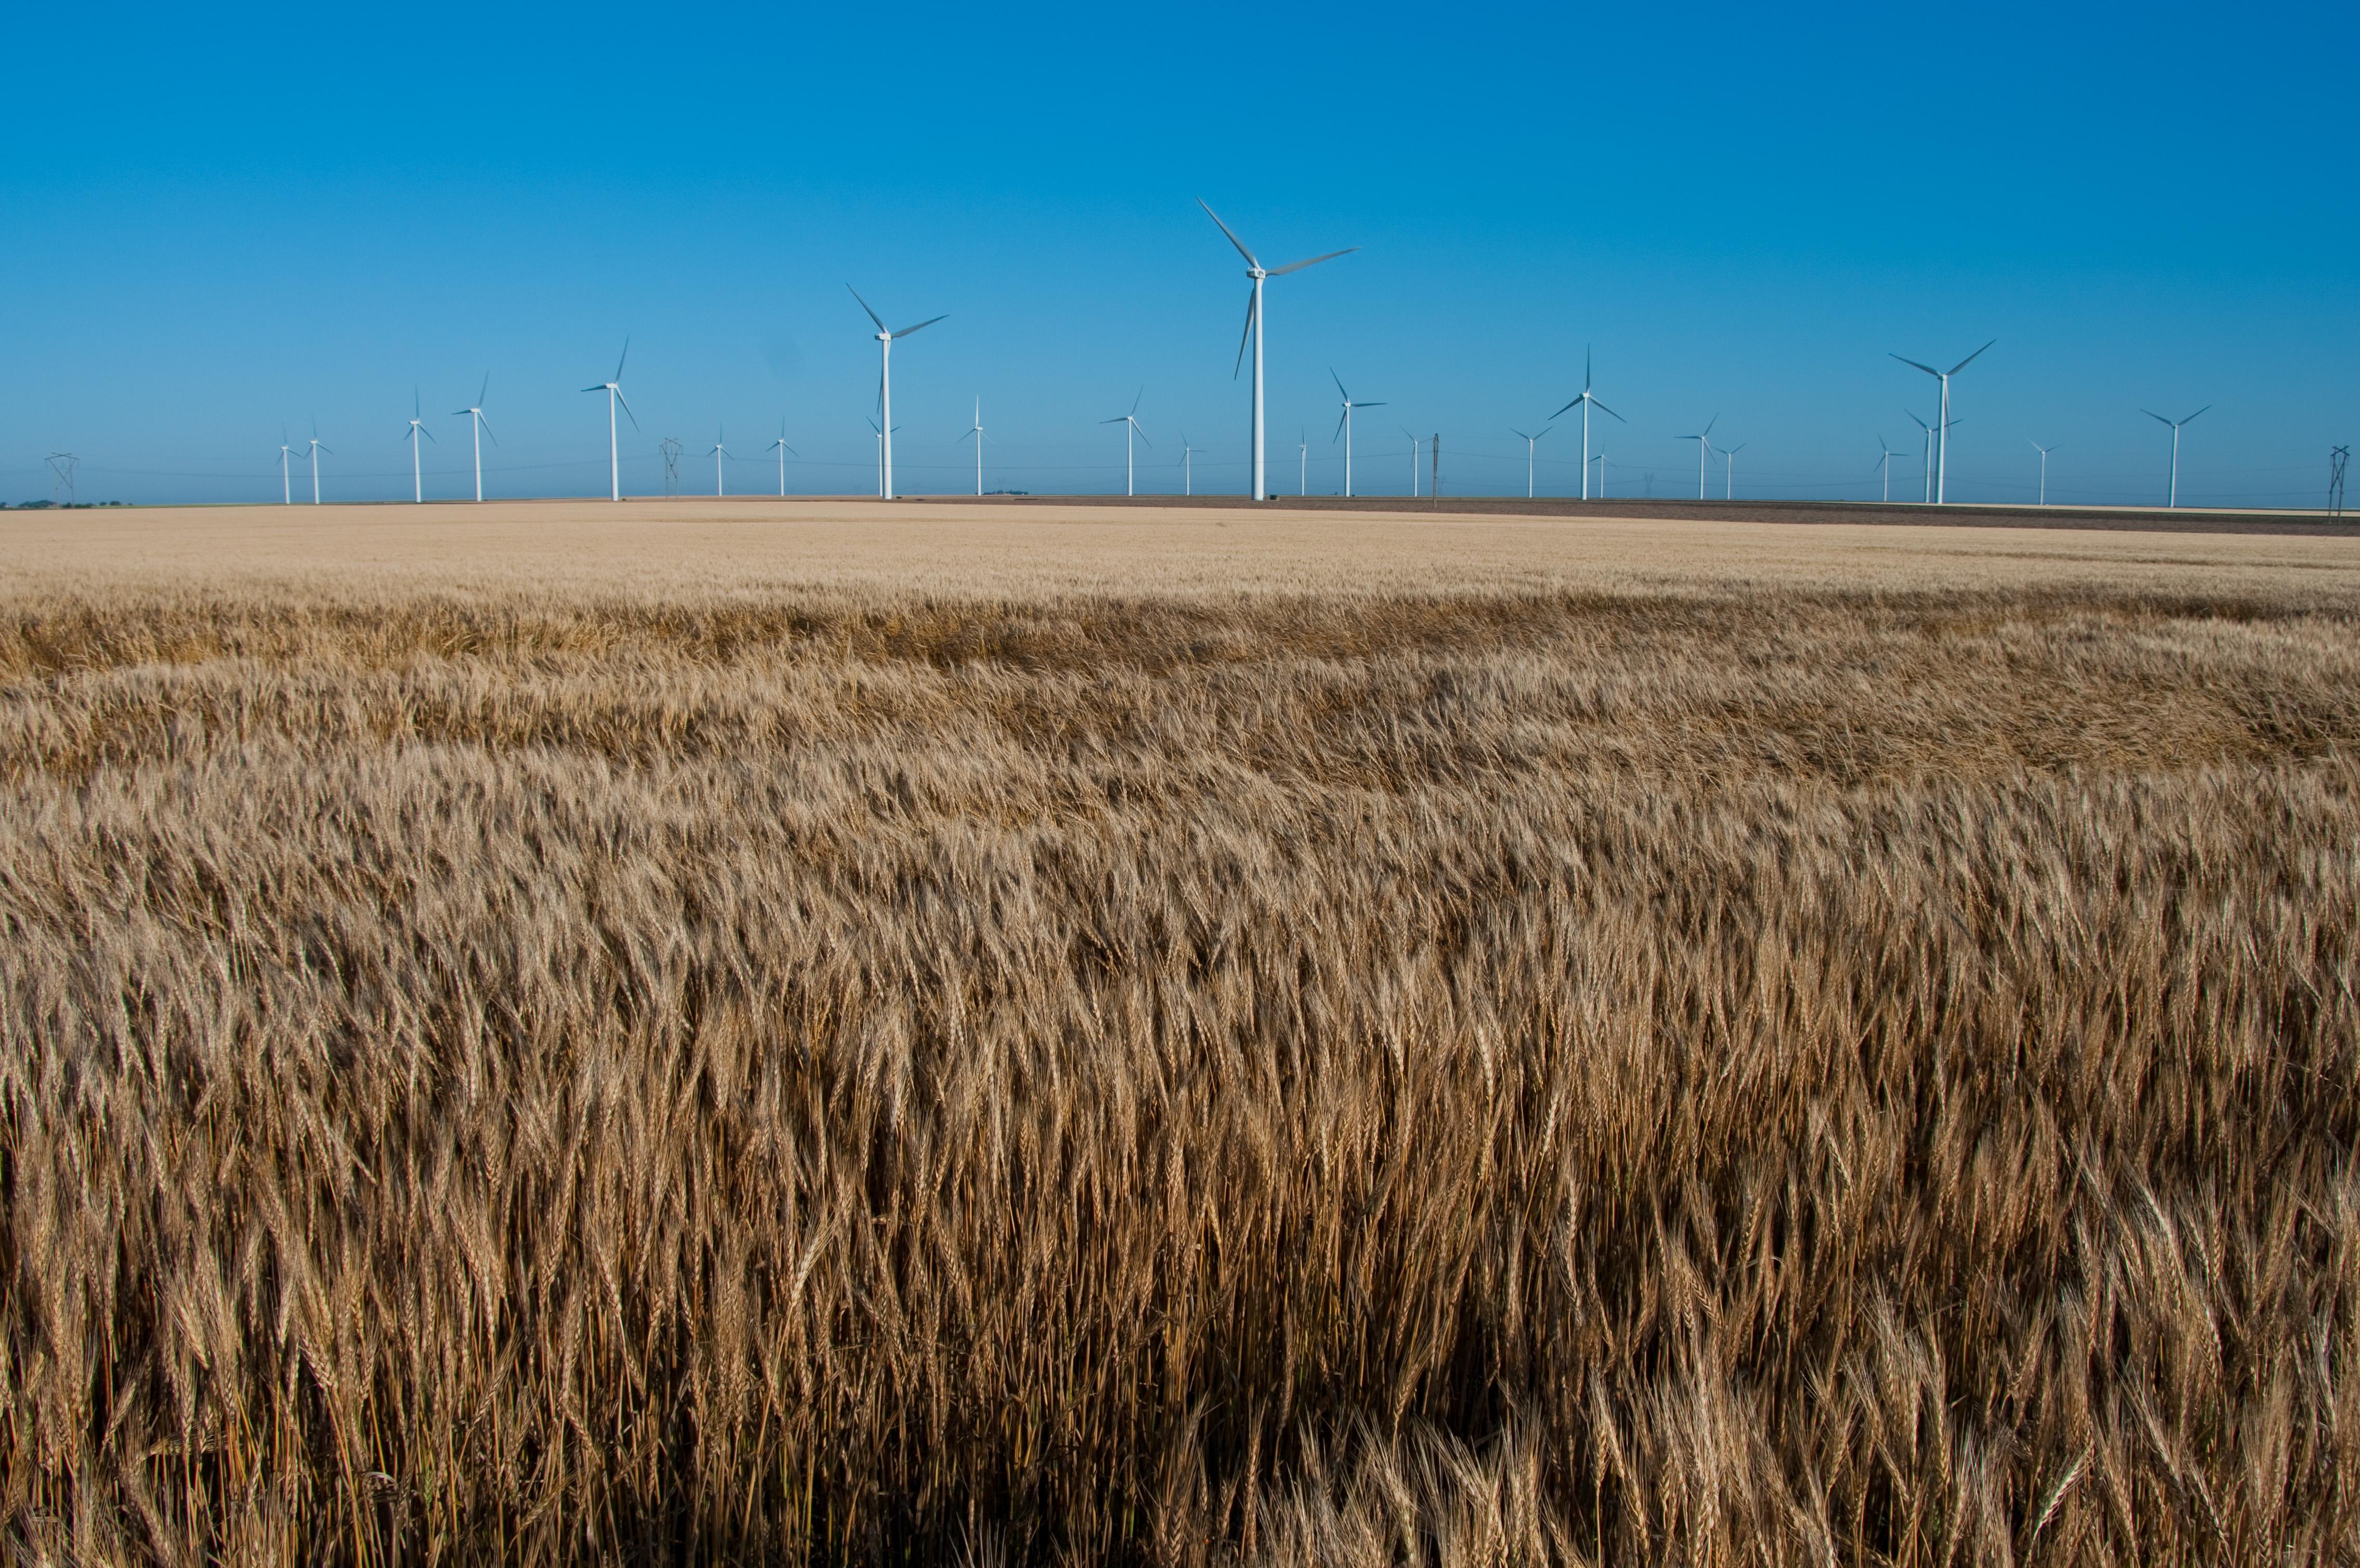 Road Trip: Windmills, Dune, Field, Food, Hay, HQ Photo